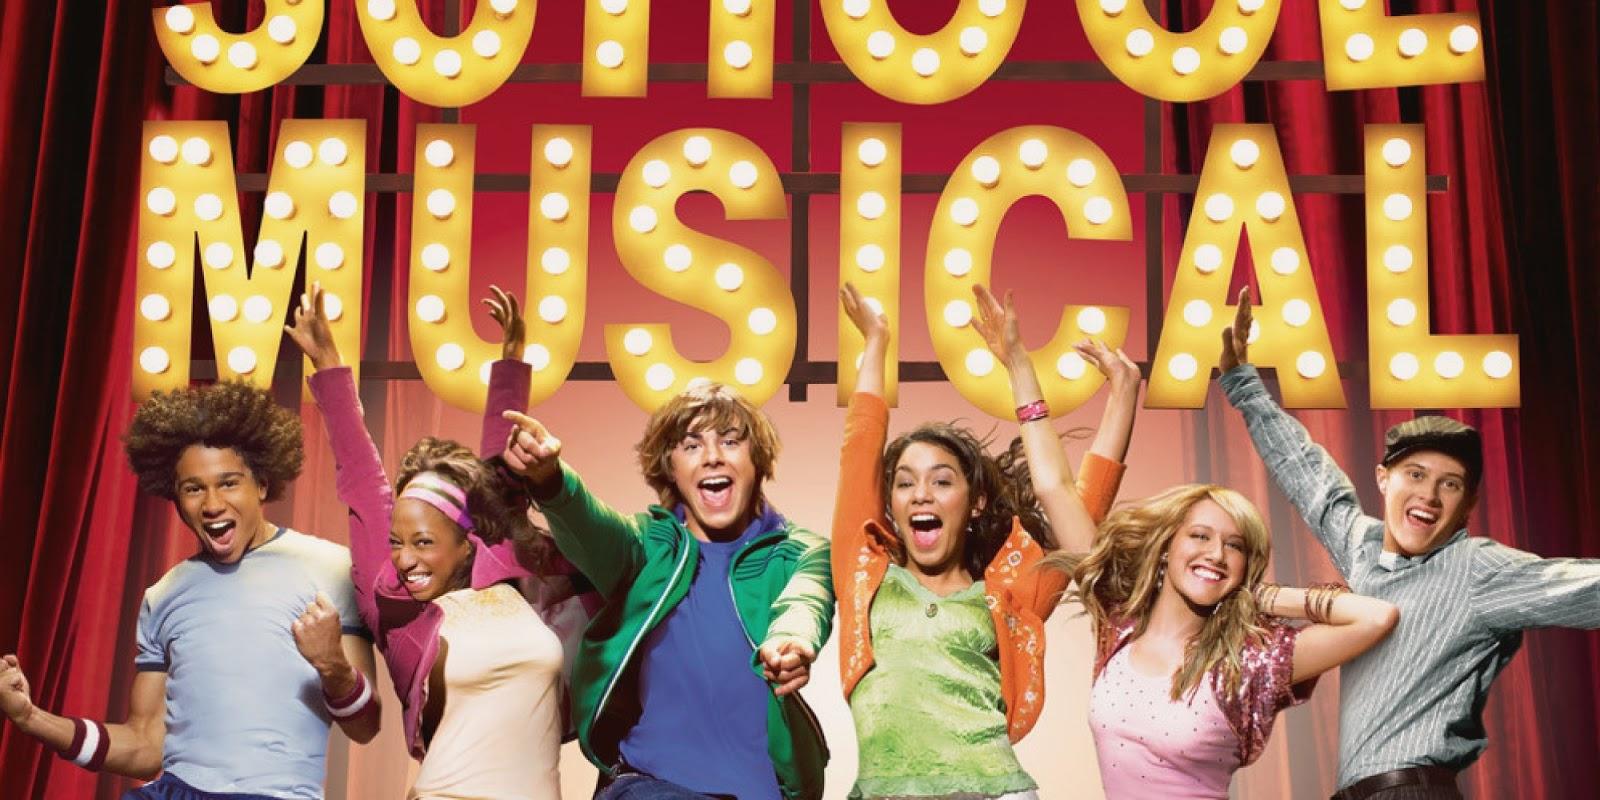 the beauty of high school musical wallpaper - desktop wallpaper hd